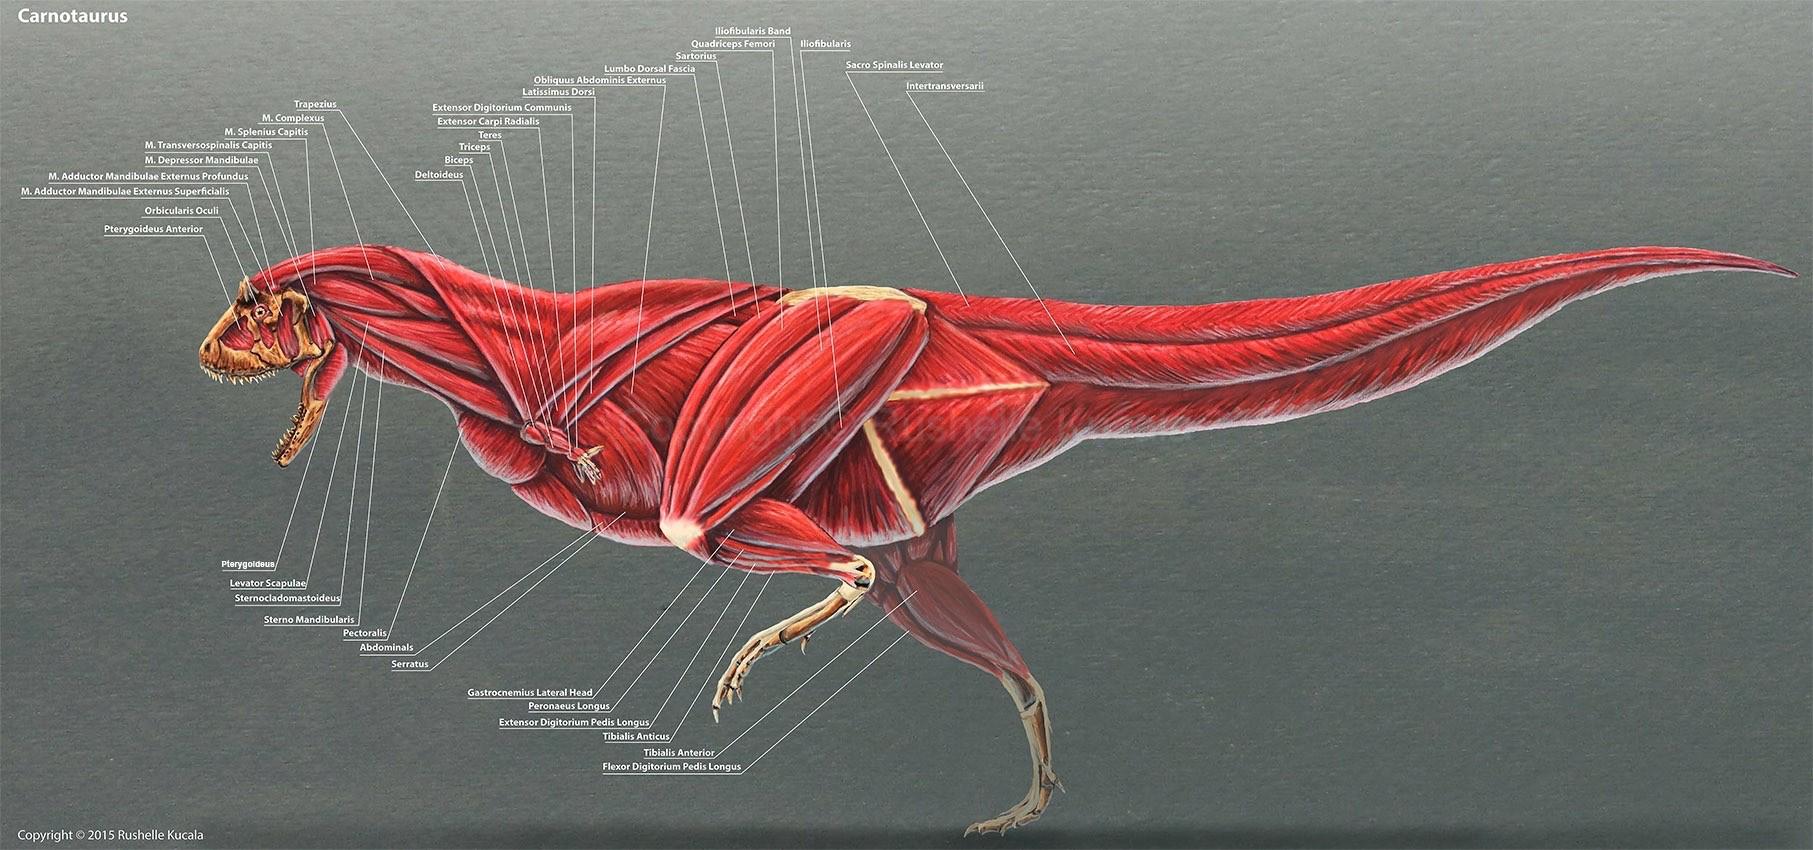 rushelle-kucala-carnotaurusmuscleslabels